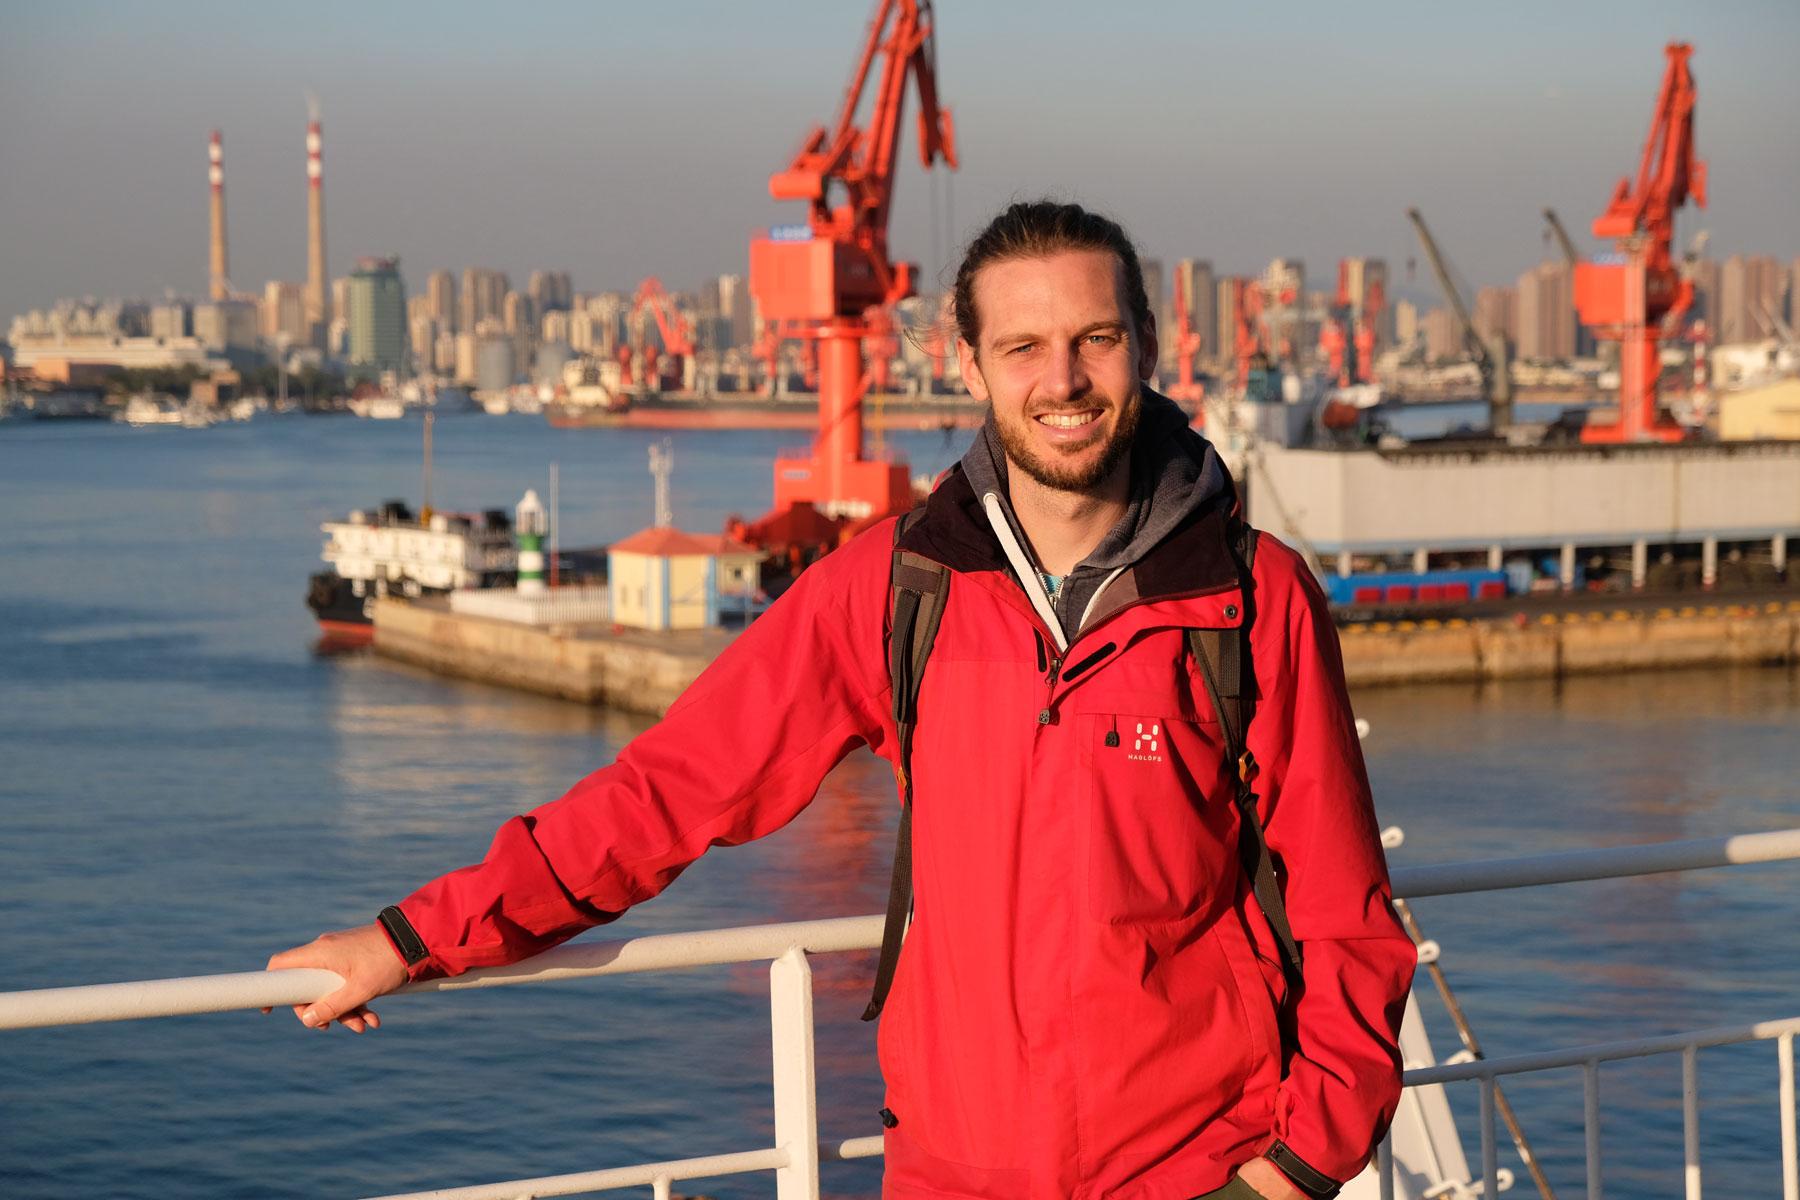 Sebastian steht an der Rehling unserer Fähre nach Südkorea, hinter ihm der Hafen von Qingdao in China.